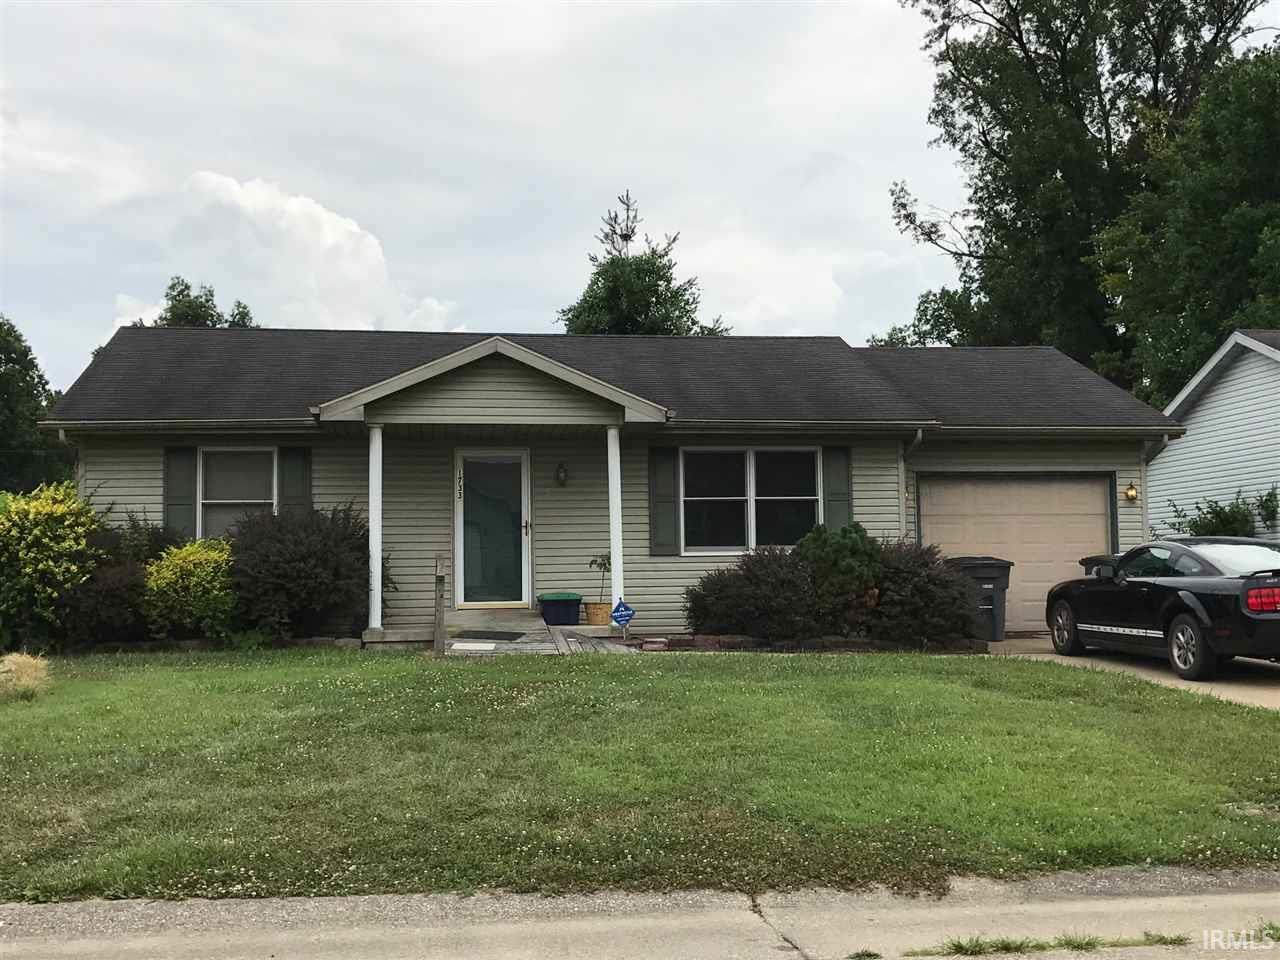 1733 Davcohn, Evansville, IN 47714